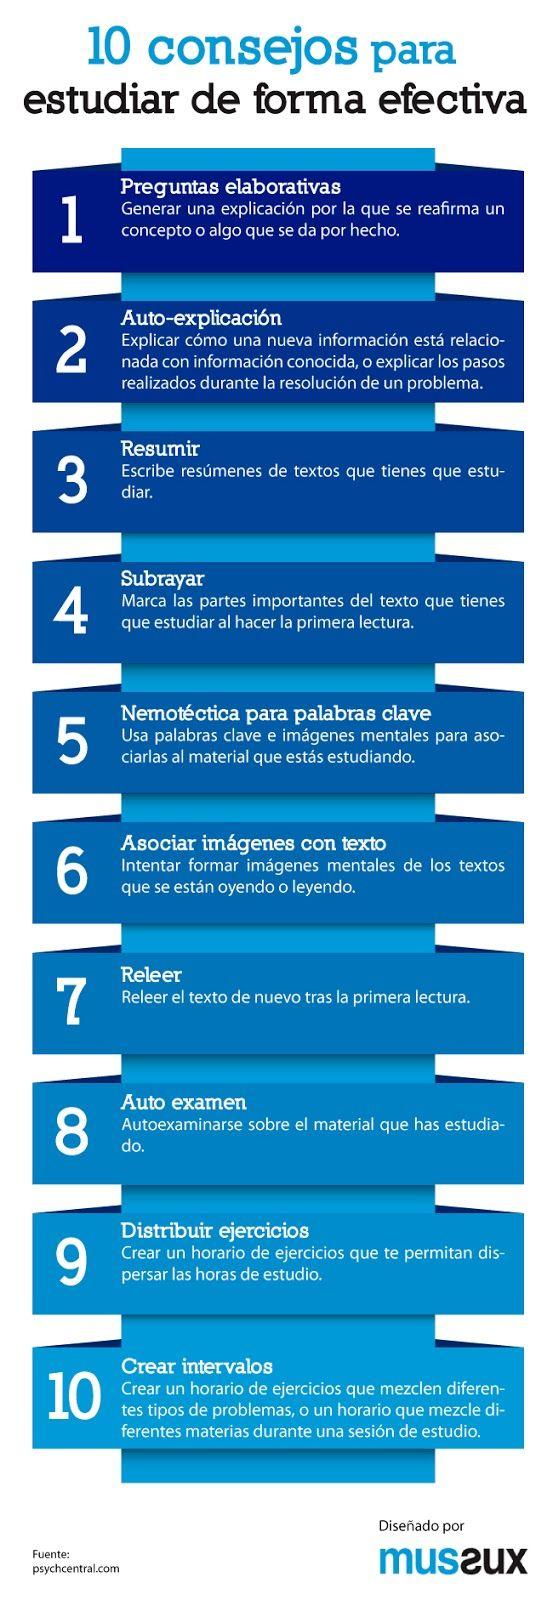 http://miorientablog.blogspot.com.es/search/label/Breviario técnicas de estudio: